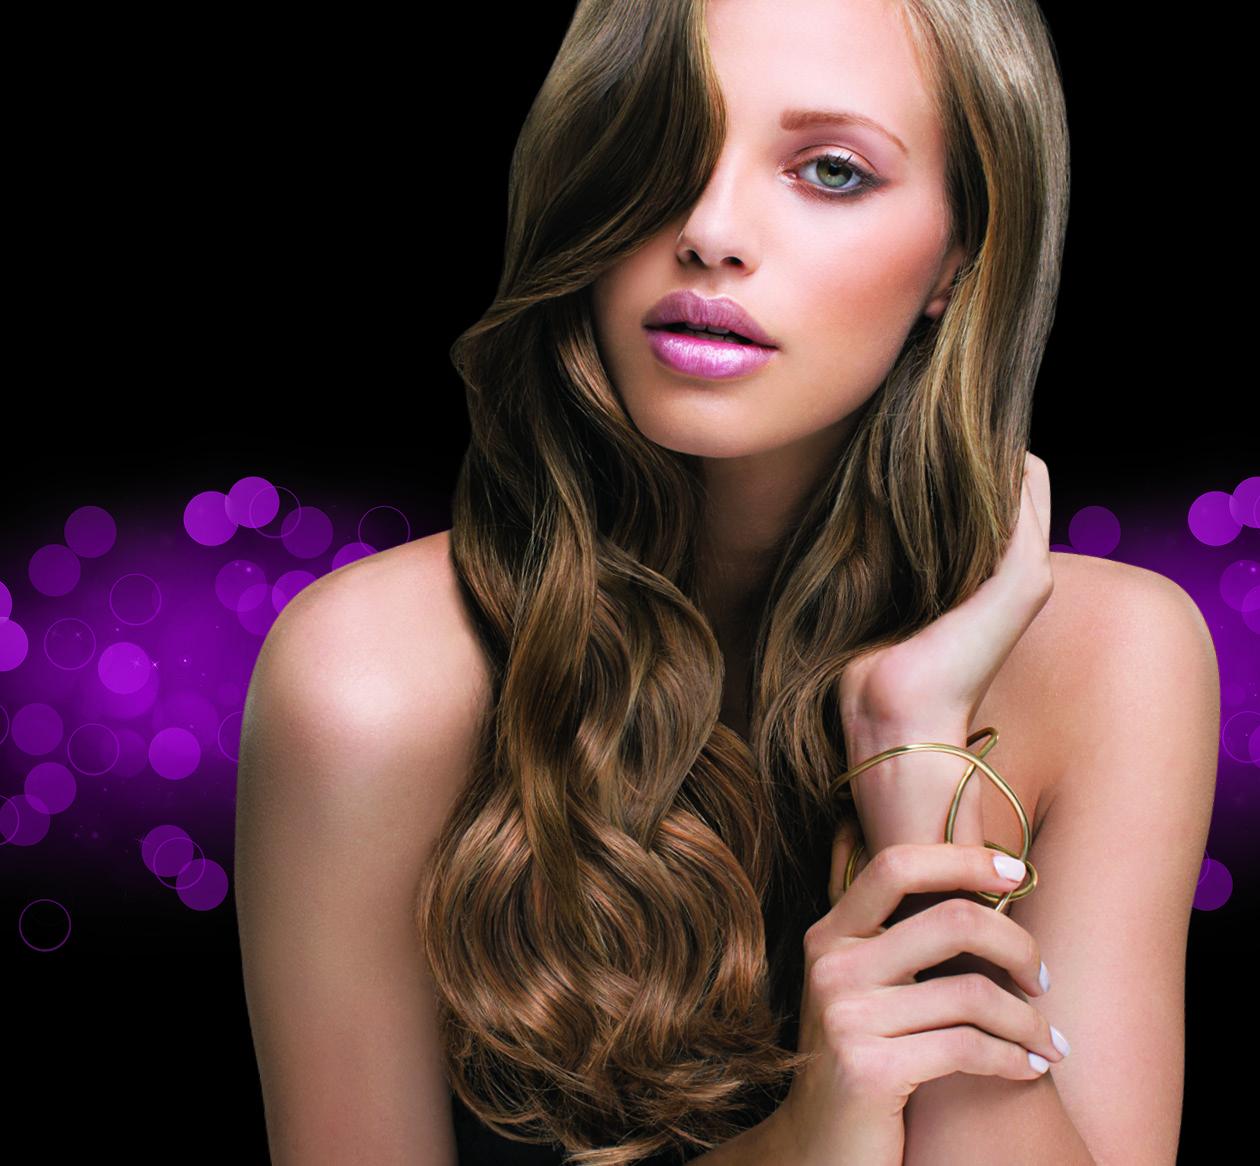 בלדה לשיער הסדוק: סדרת 'אמפולה אינטנס' מבית 'נטורל פורמולה'